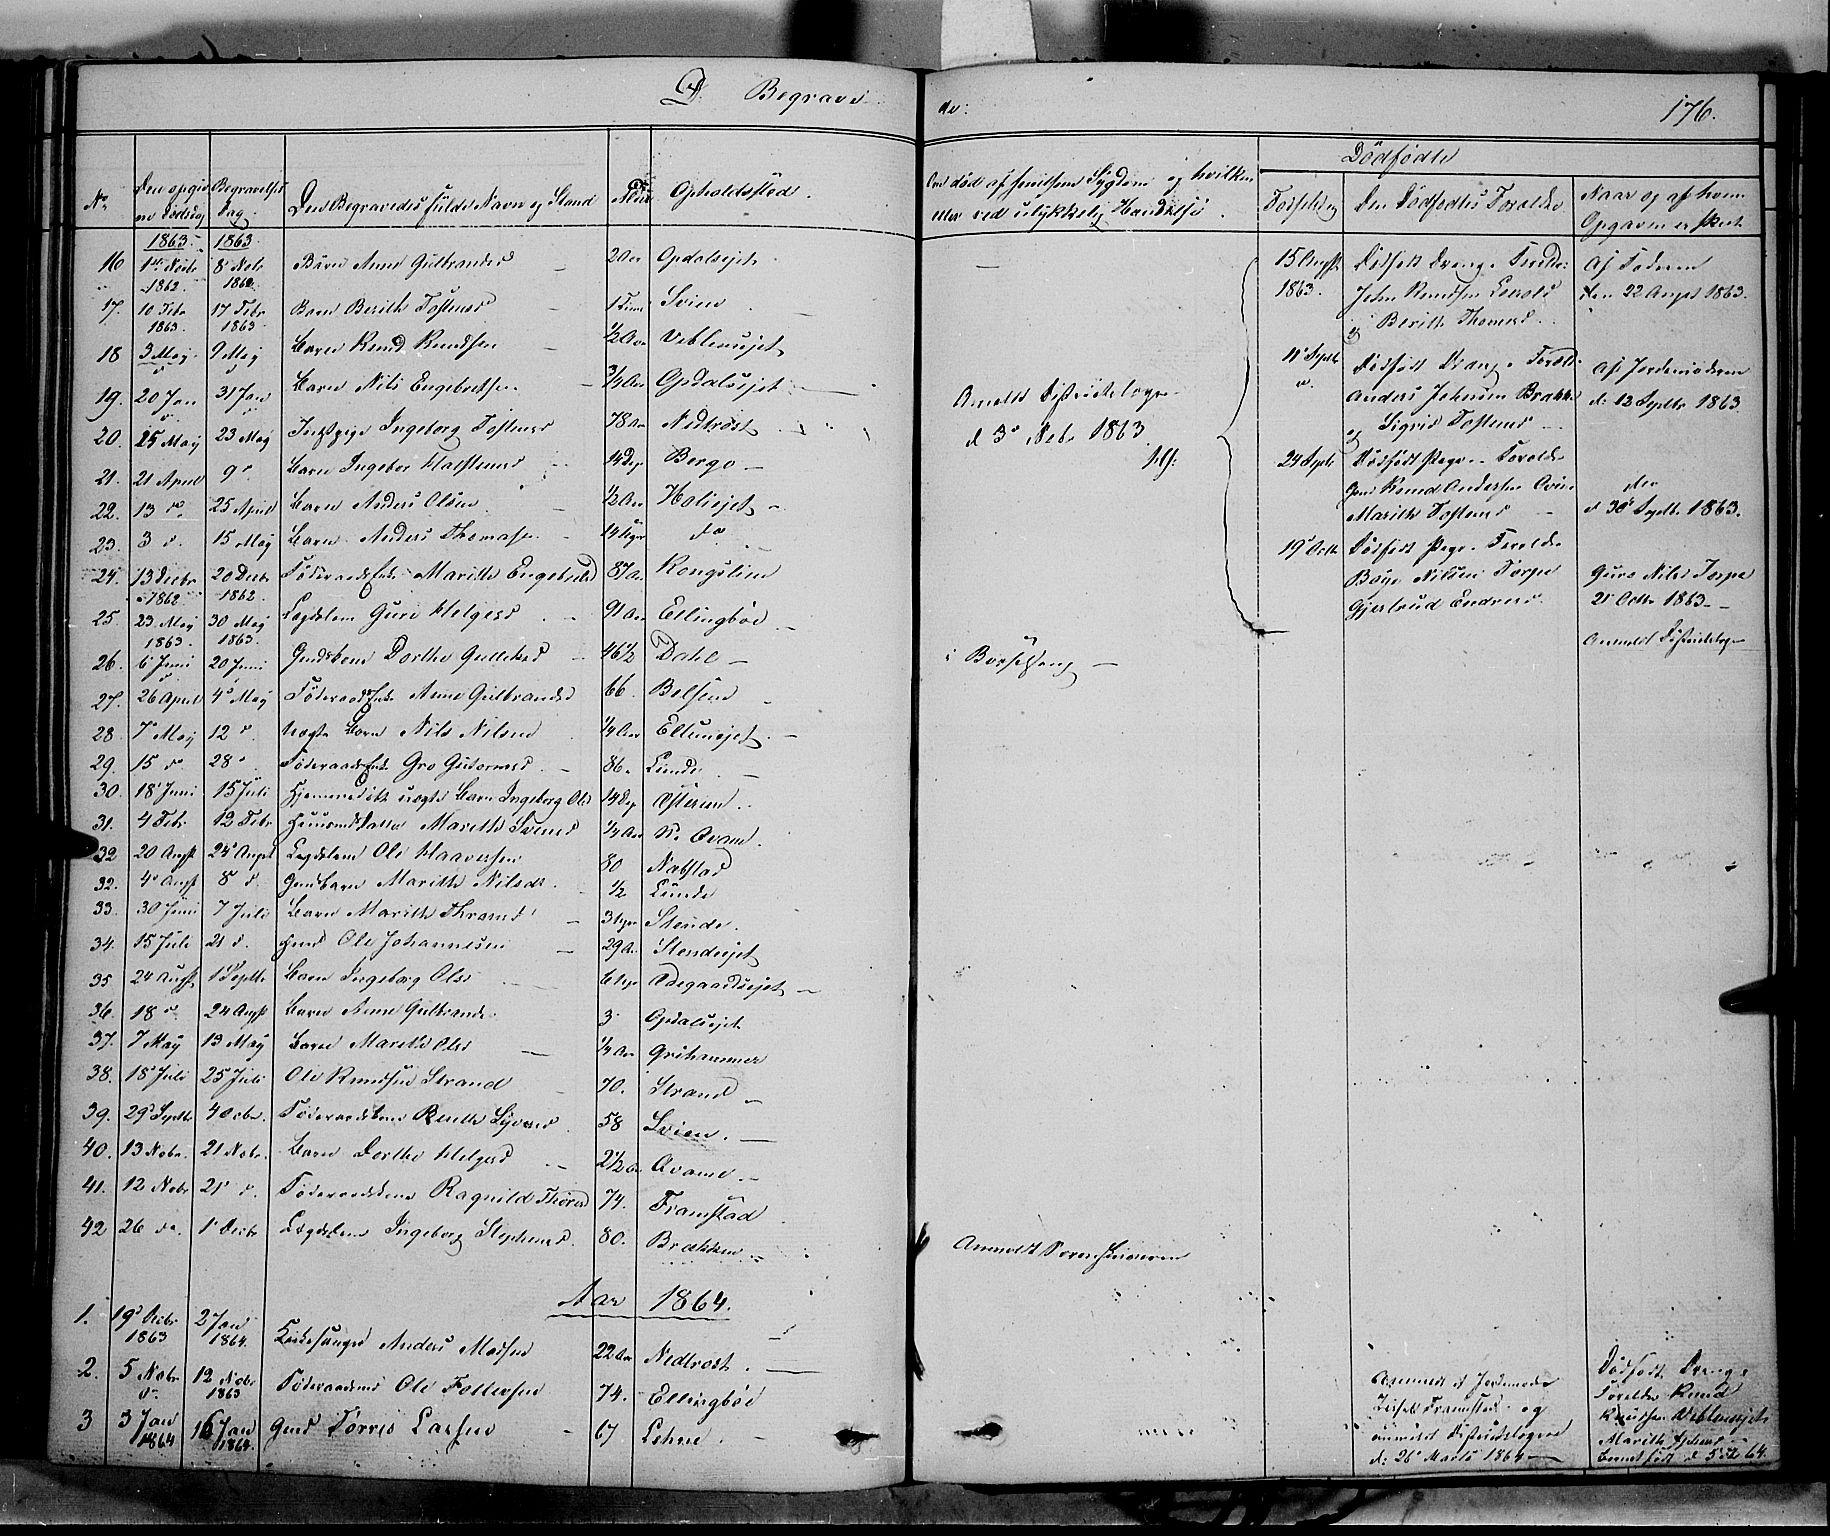 SAH, Vang prestekontor, Valdres, Ministerialbok nr. 6, 1846-1864, s. 176